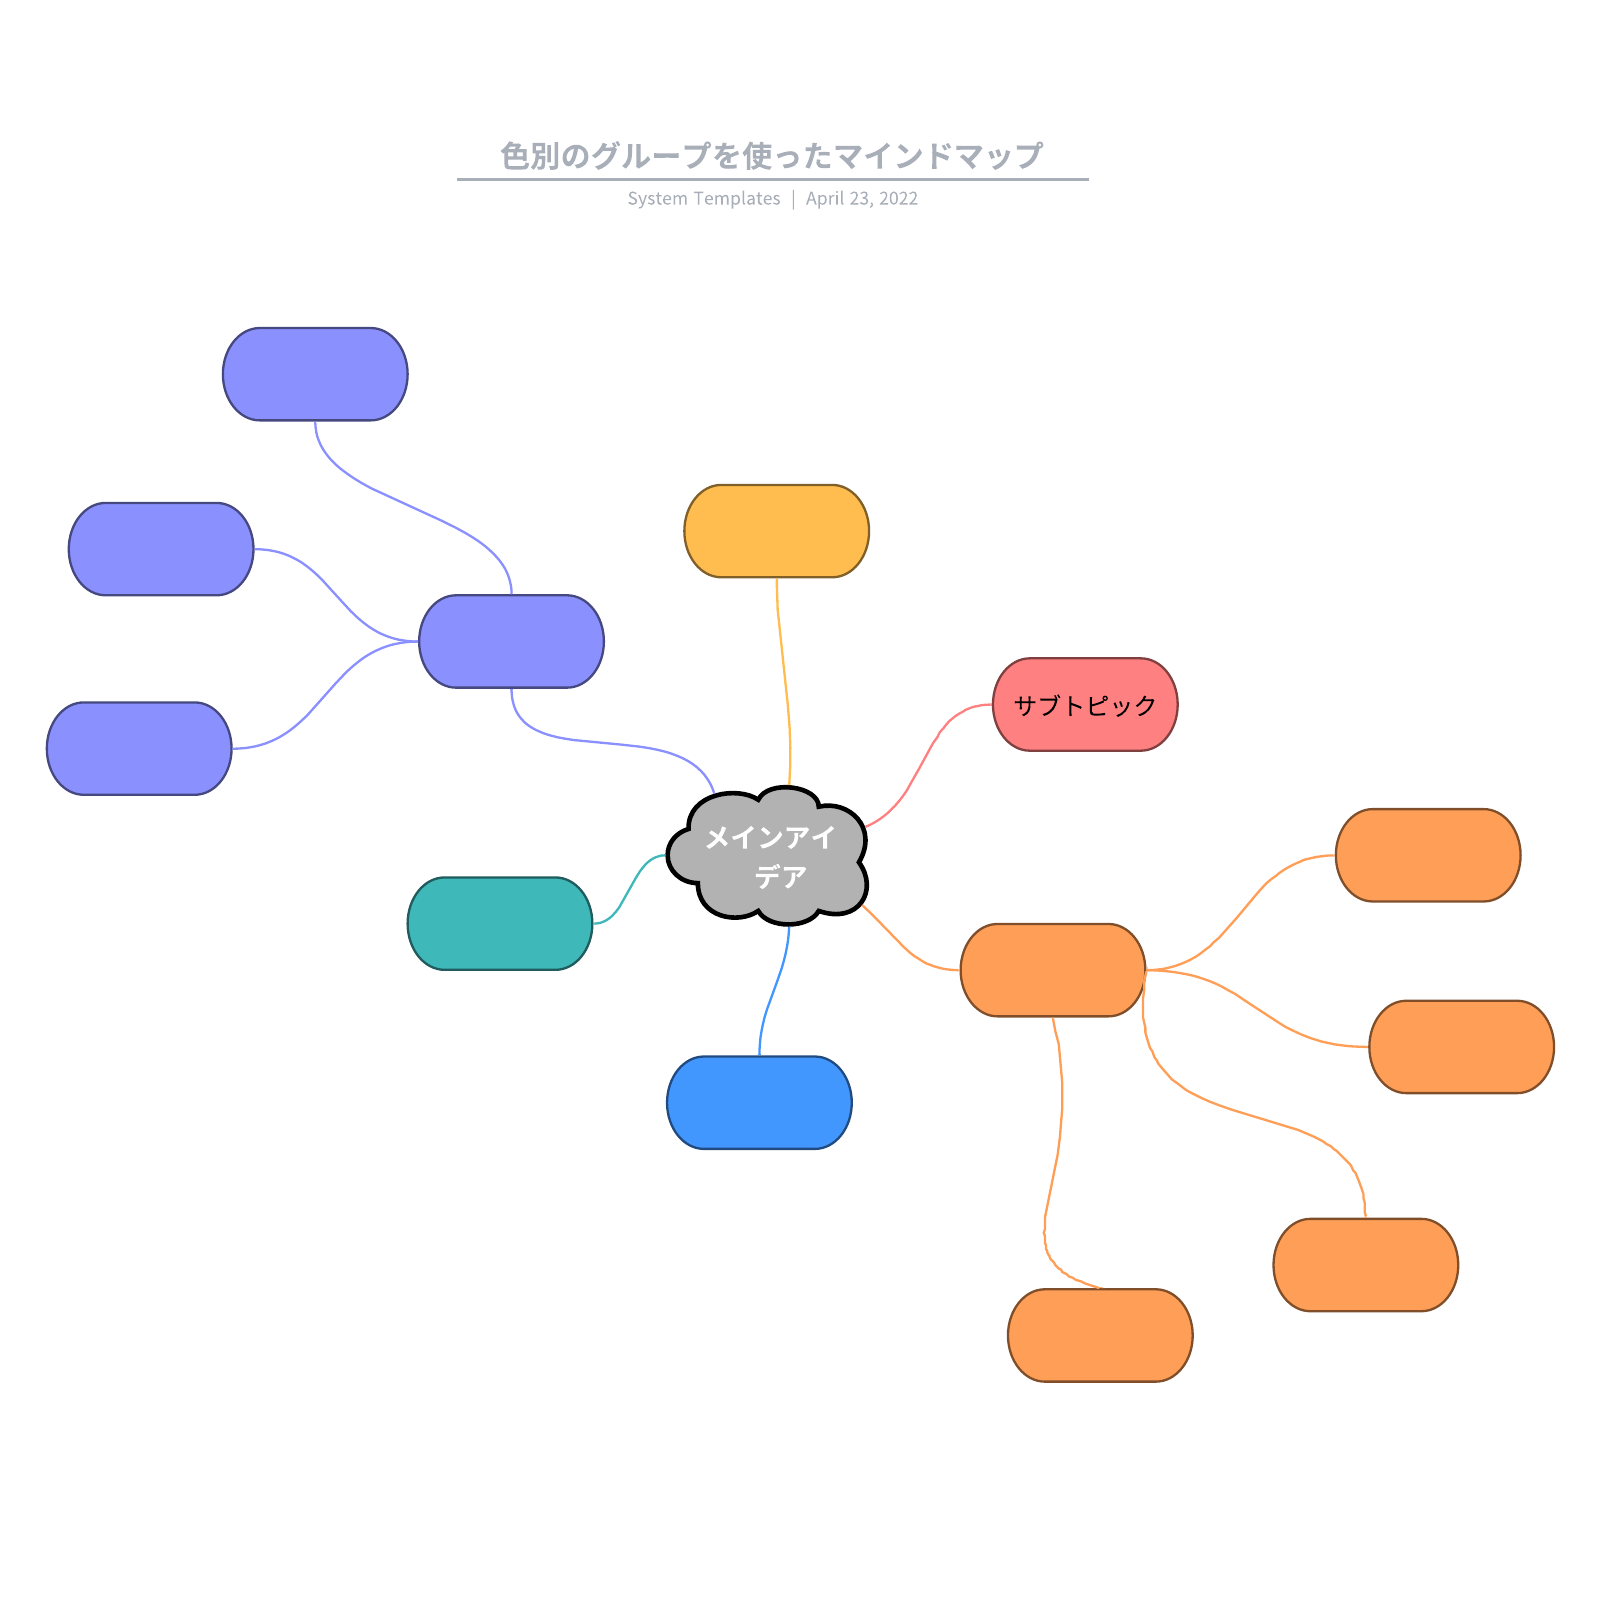 活用できるマインドマップの活用事例とテンプレート